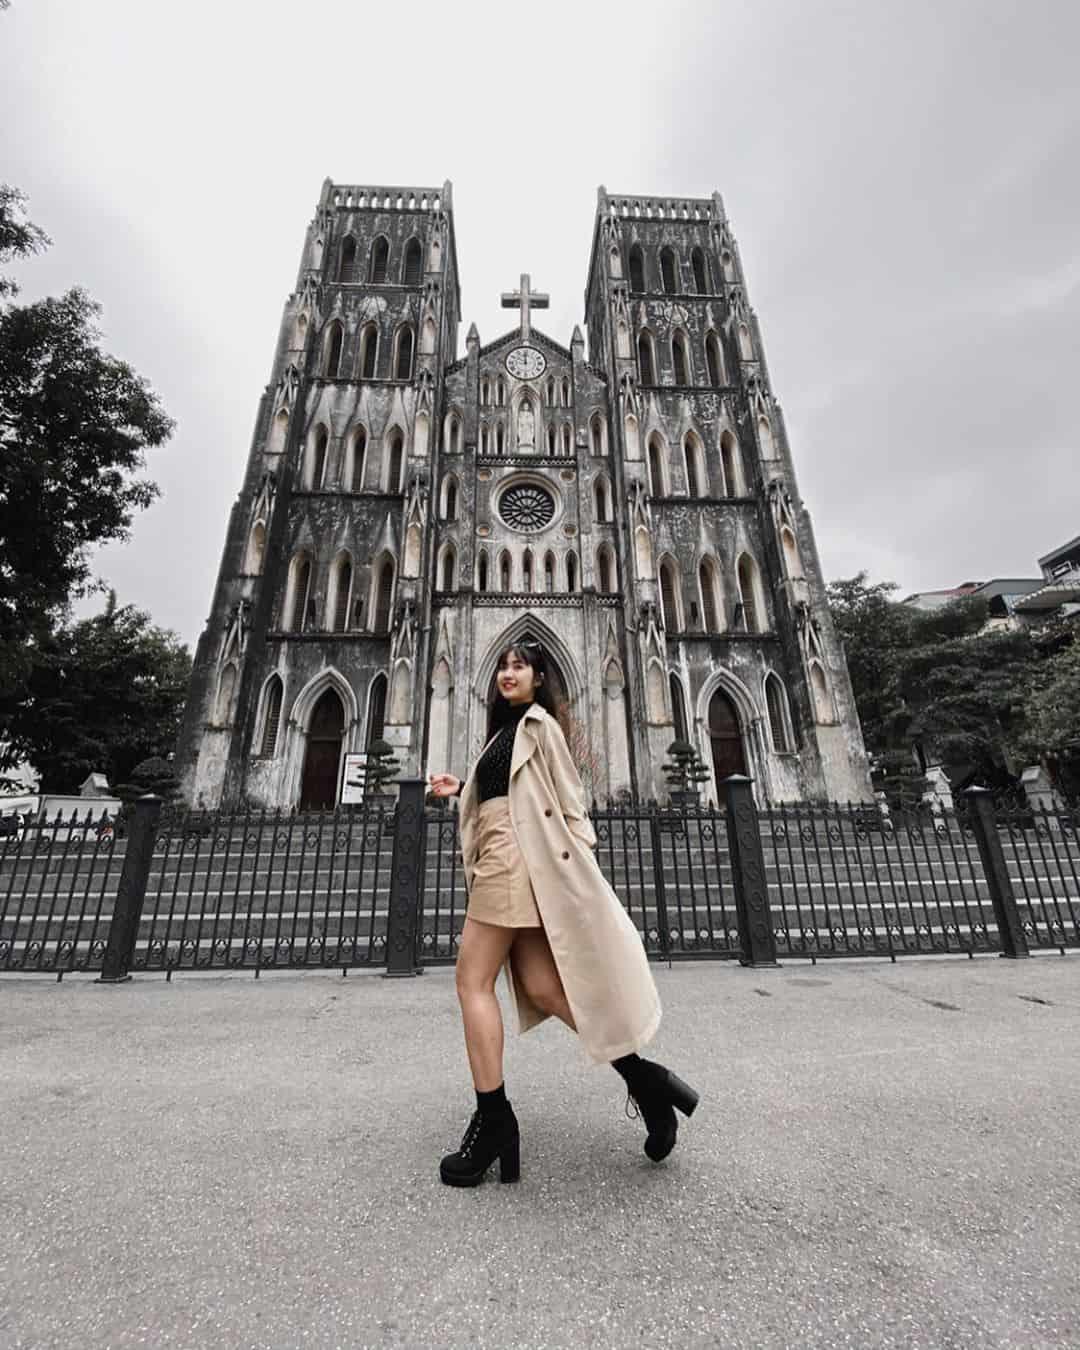 Nhà thờ lớn Hà Nội - uy nghiêm và cổ kính. Ảnh: @tinhvo97